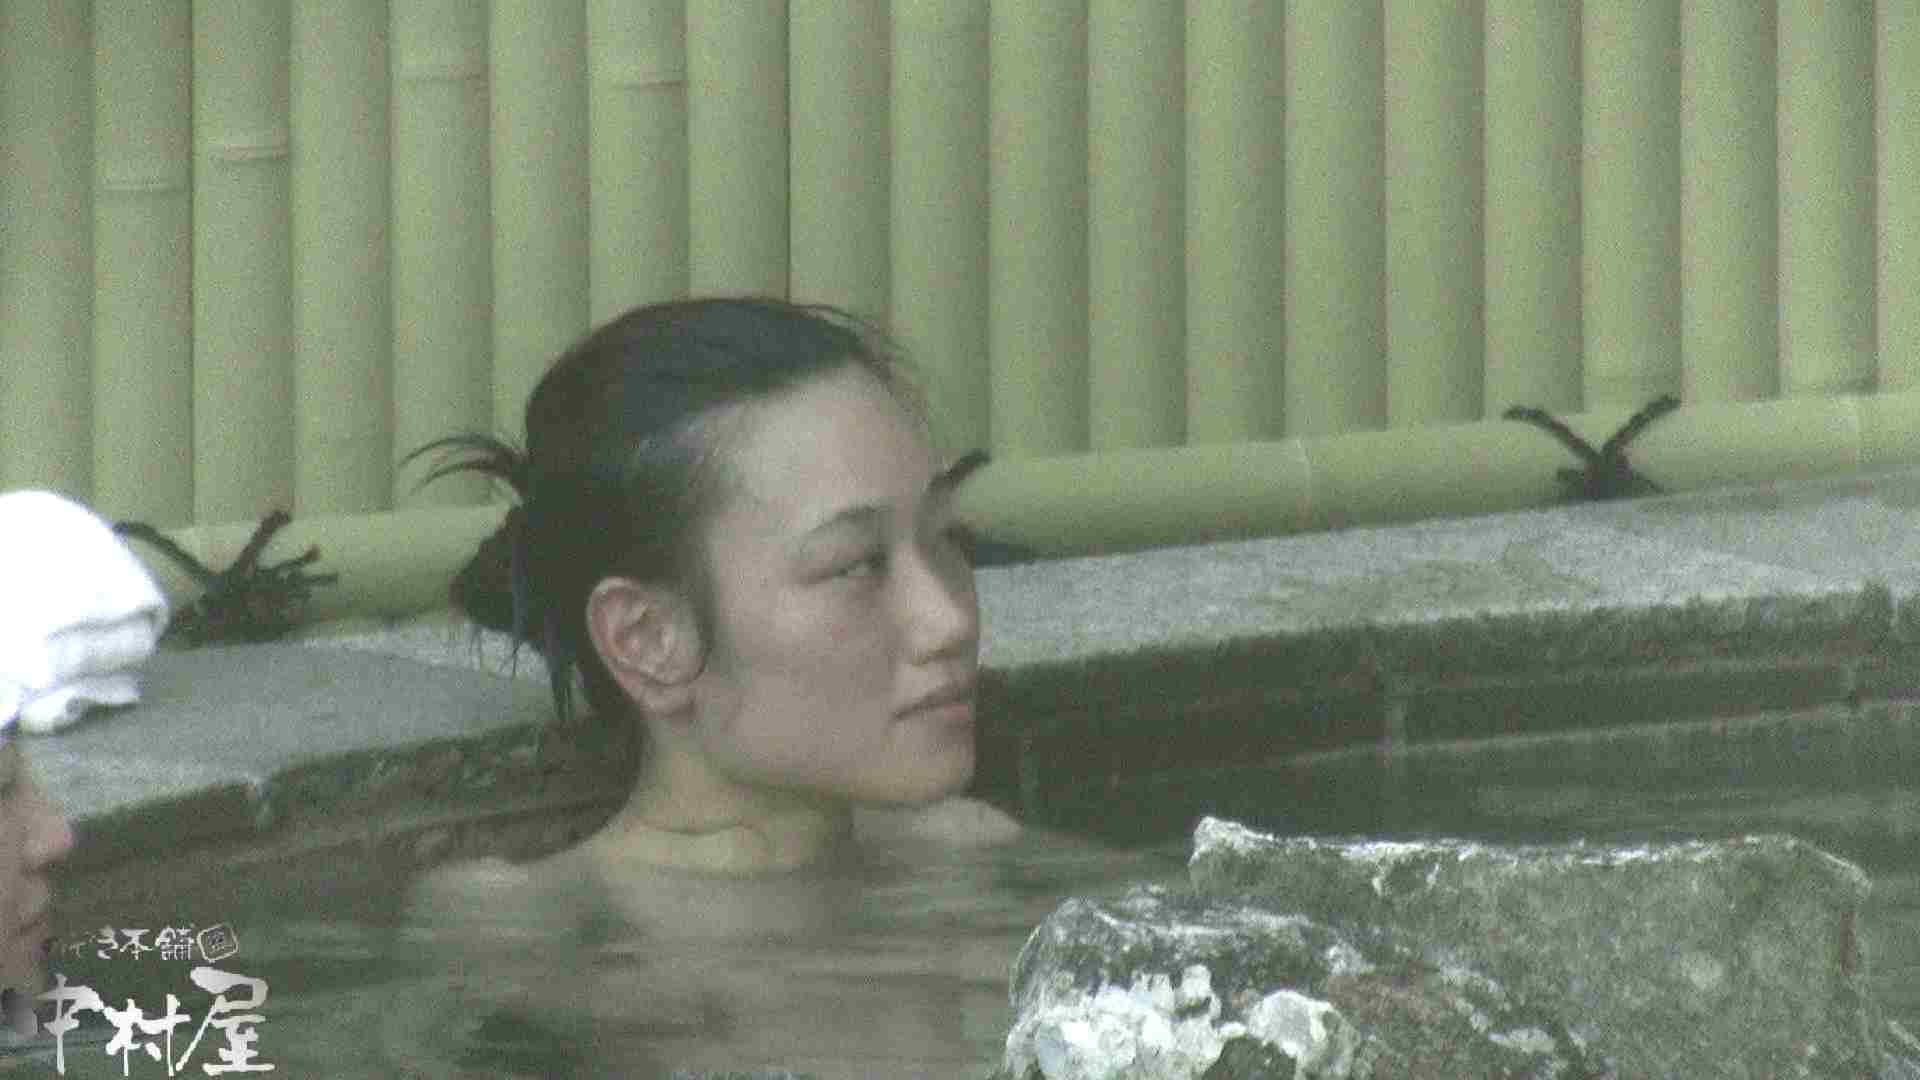 Aquaな露天風呂Vol.914